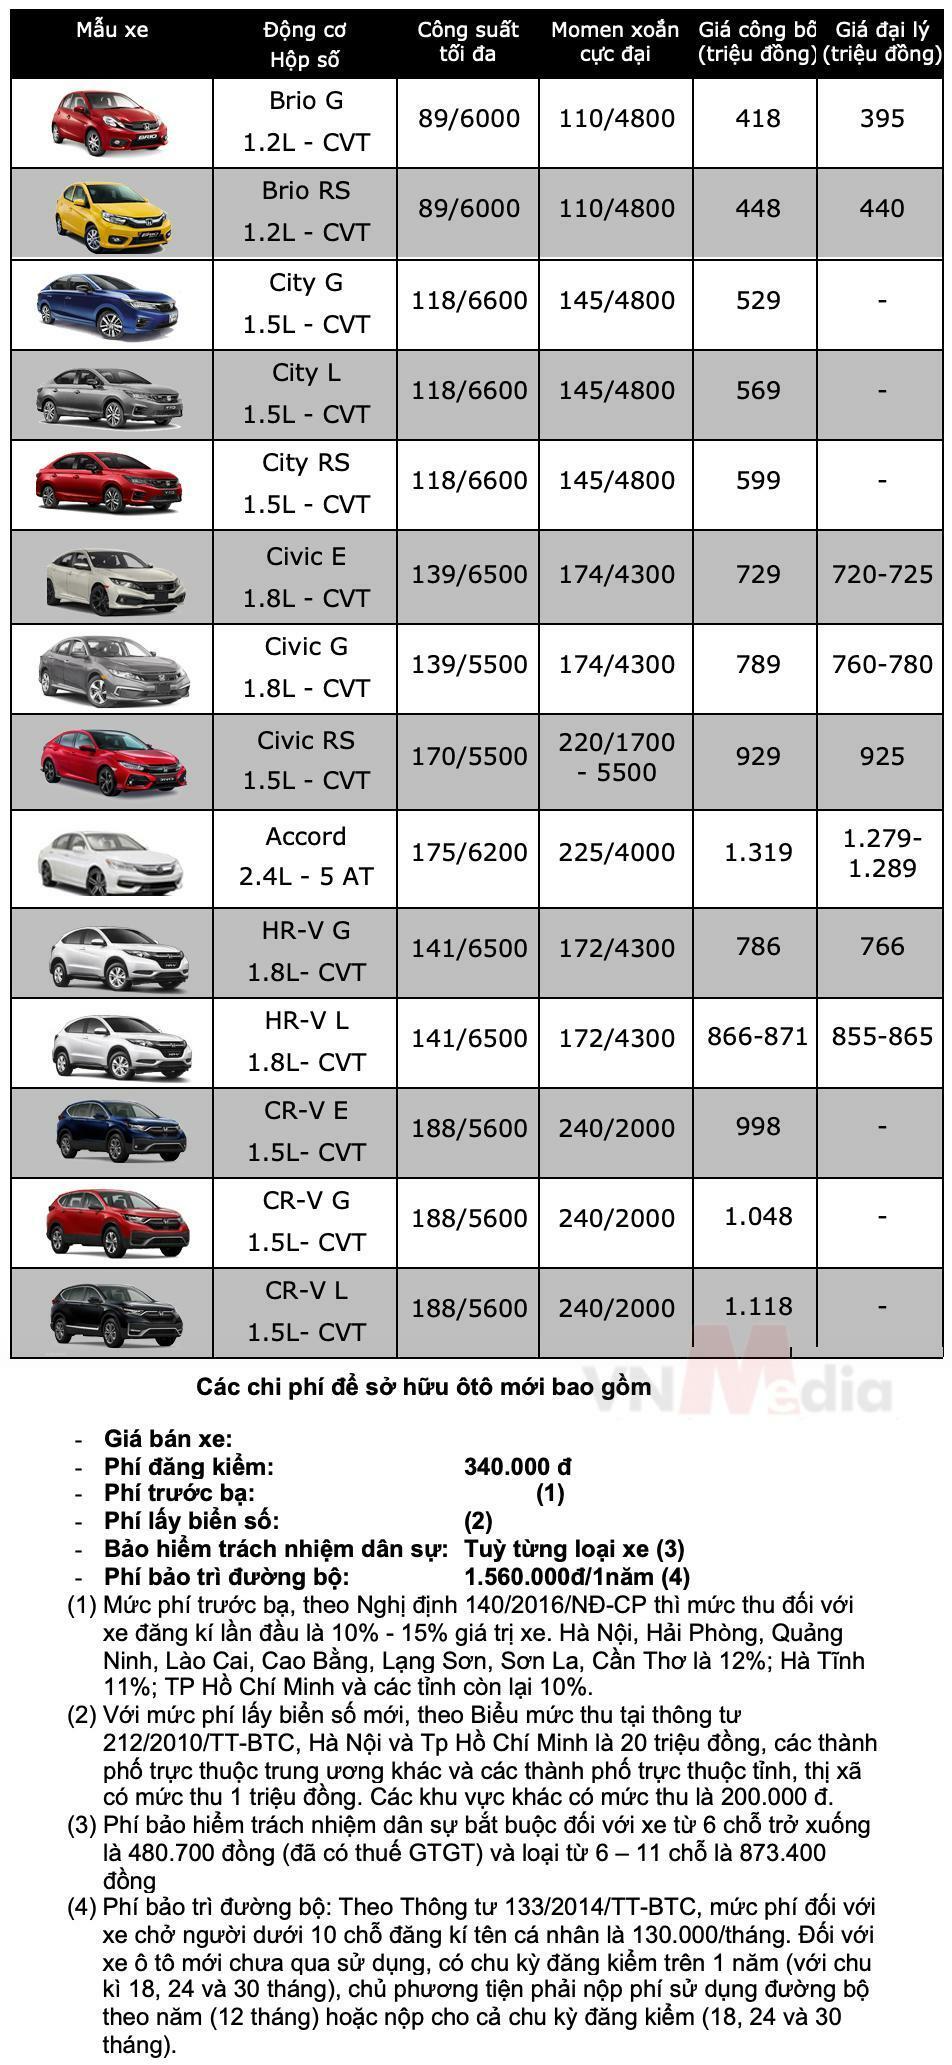 Bảng giá xe ô tô Honda tháng 5/2021 - ảnh 1